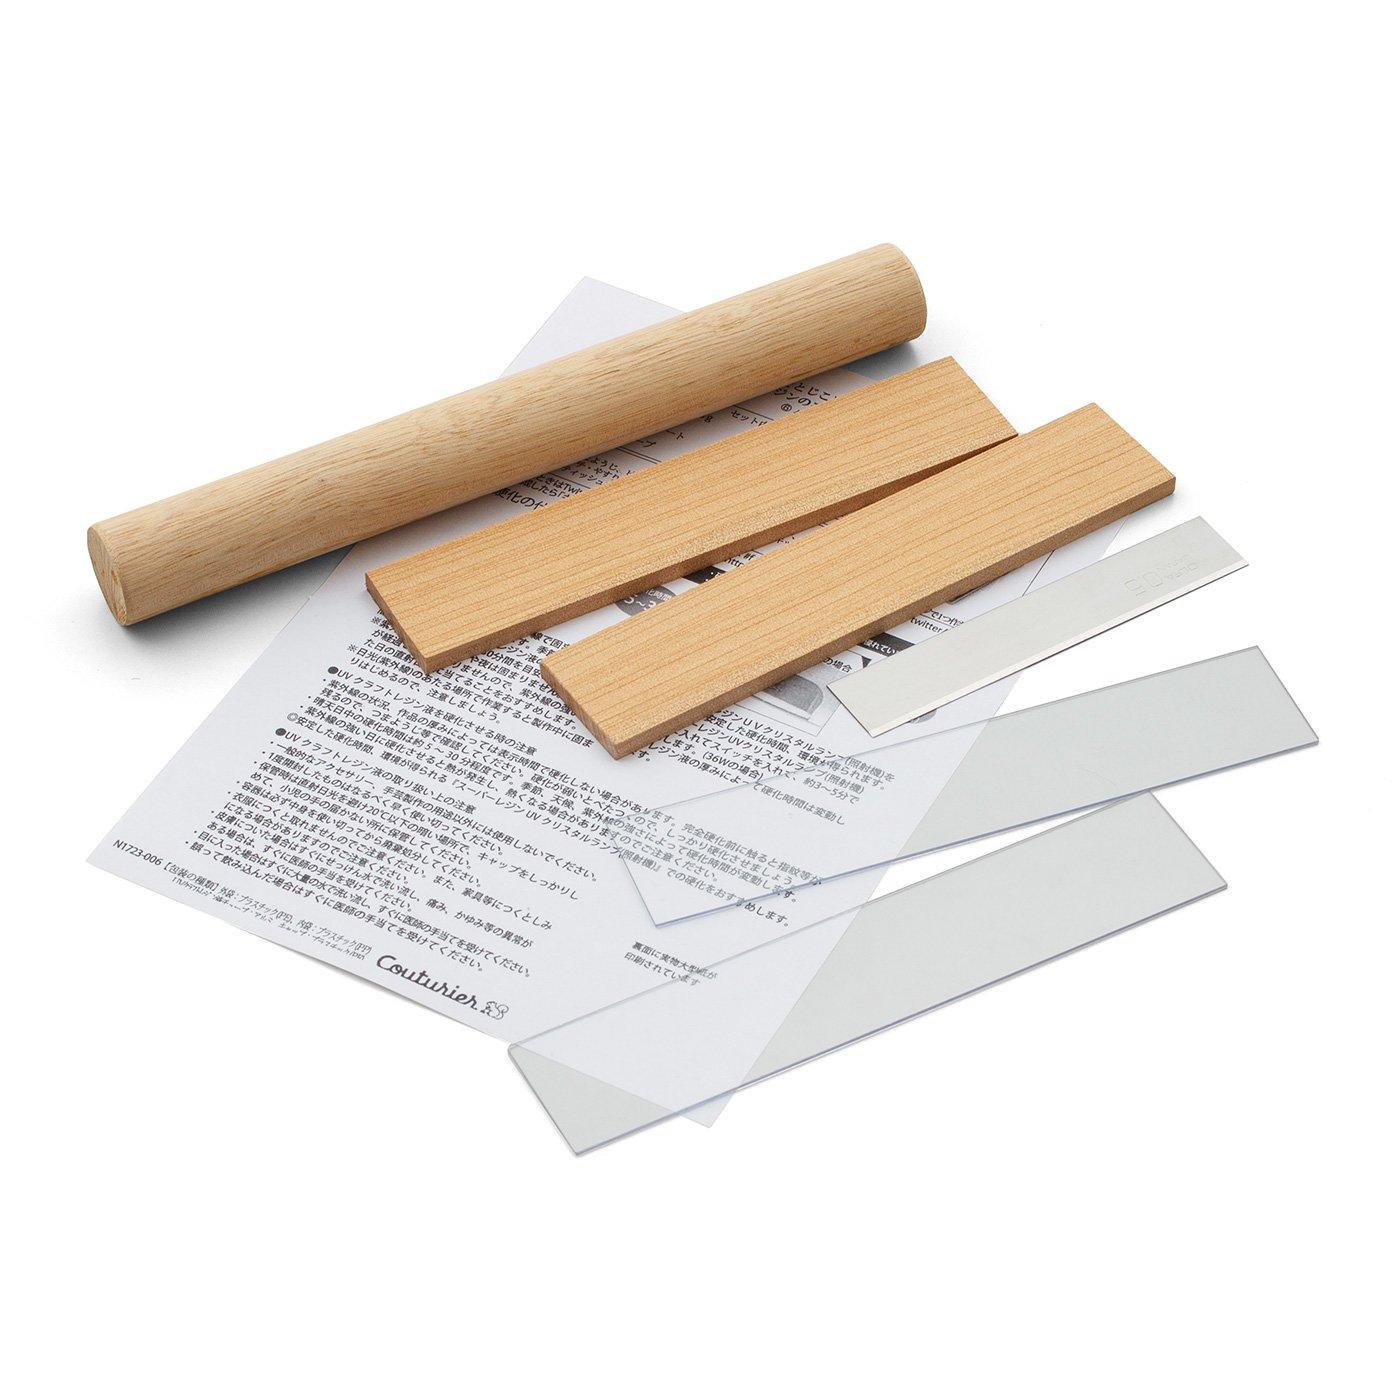 樹脂粘土作りがもっと楽しくなる 便利なツールセット